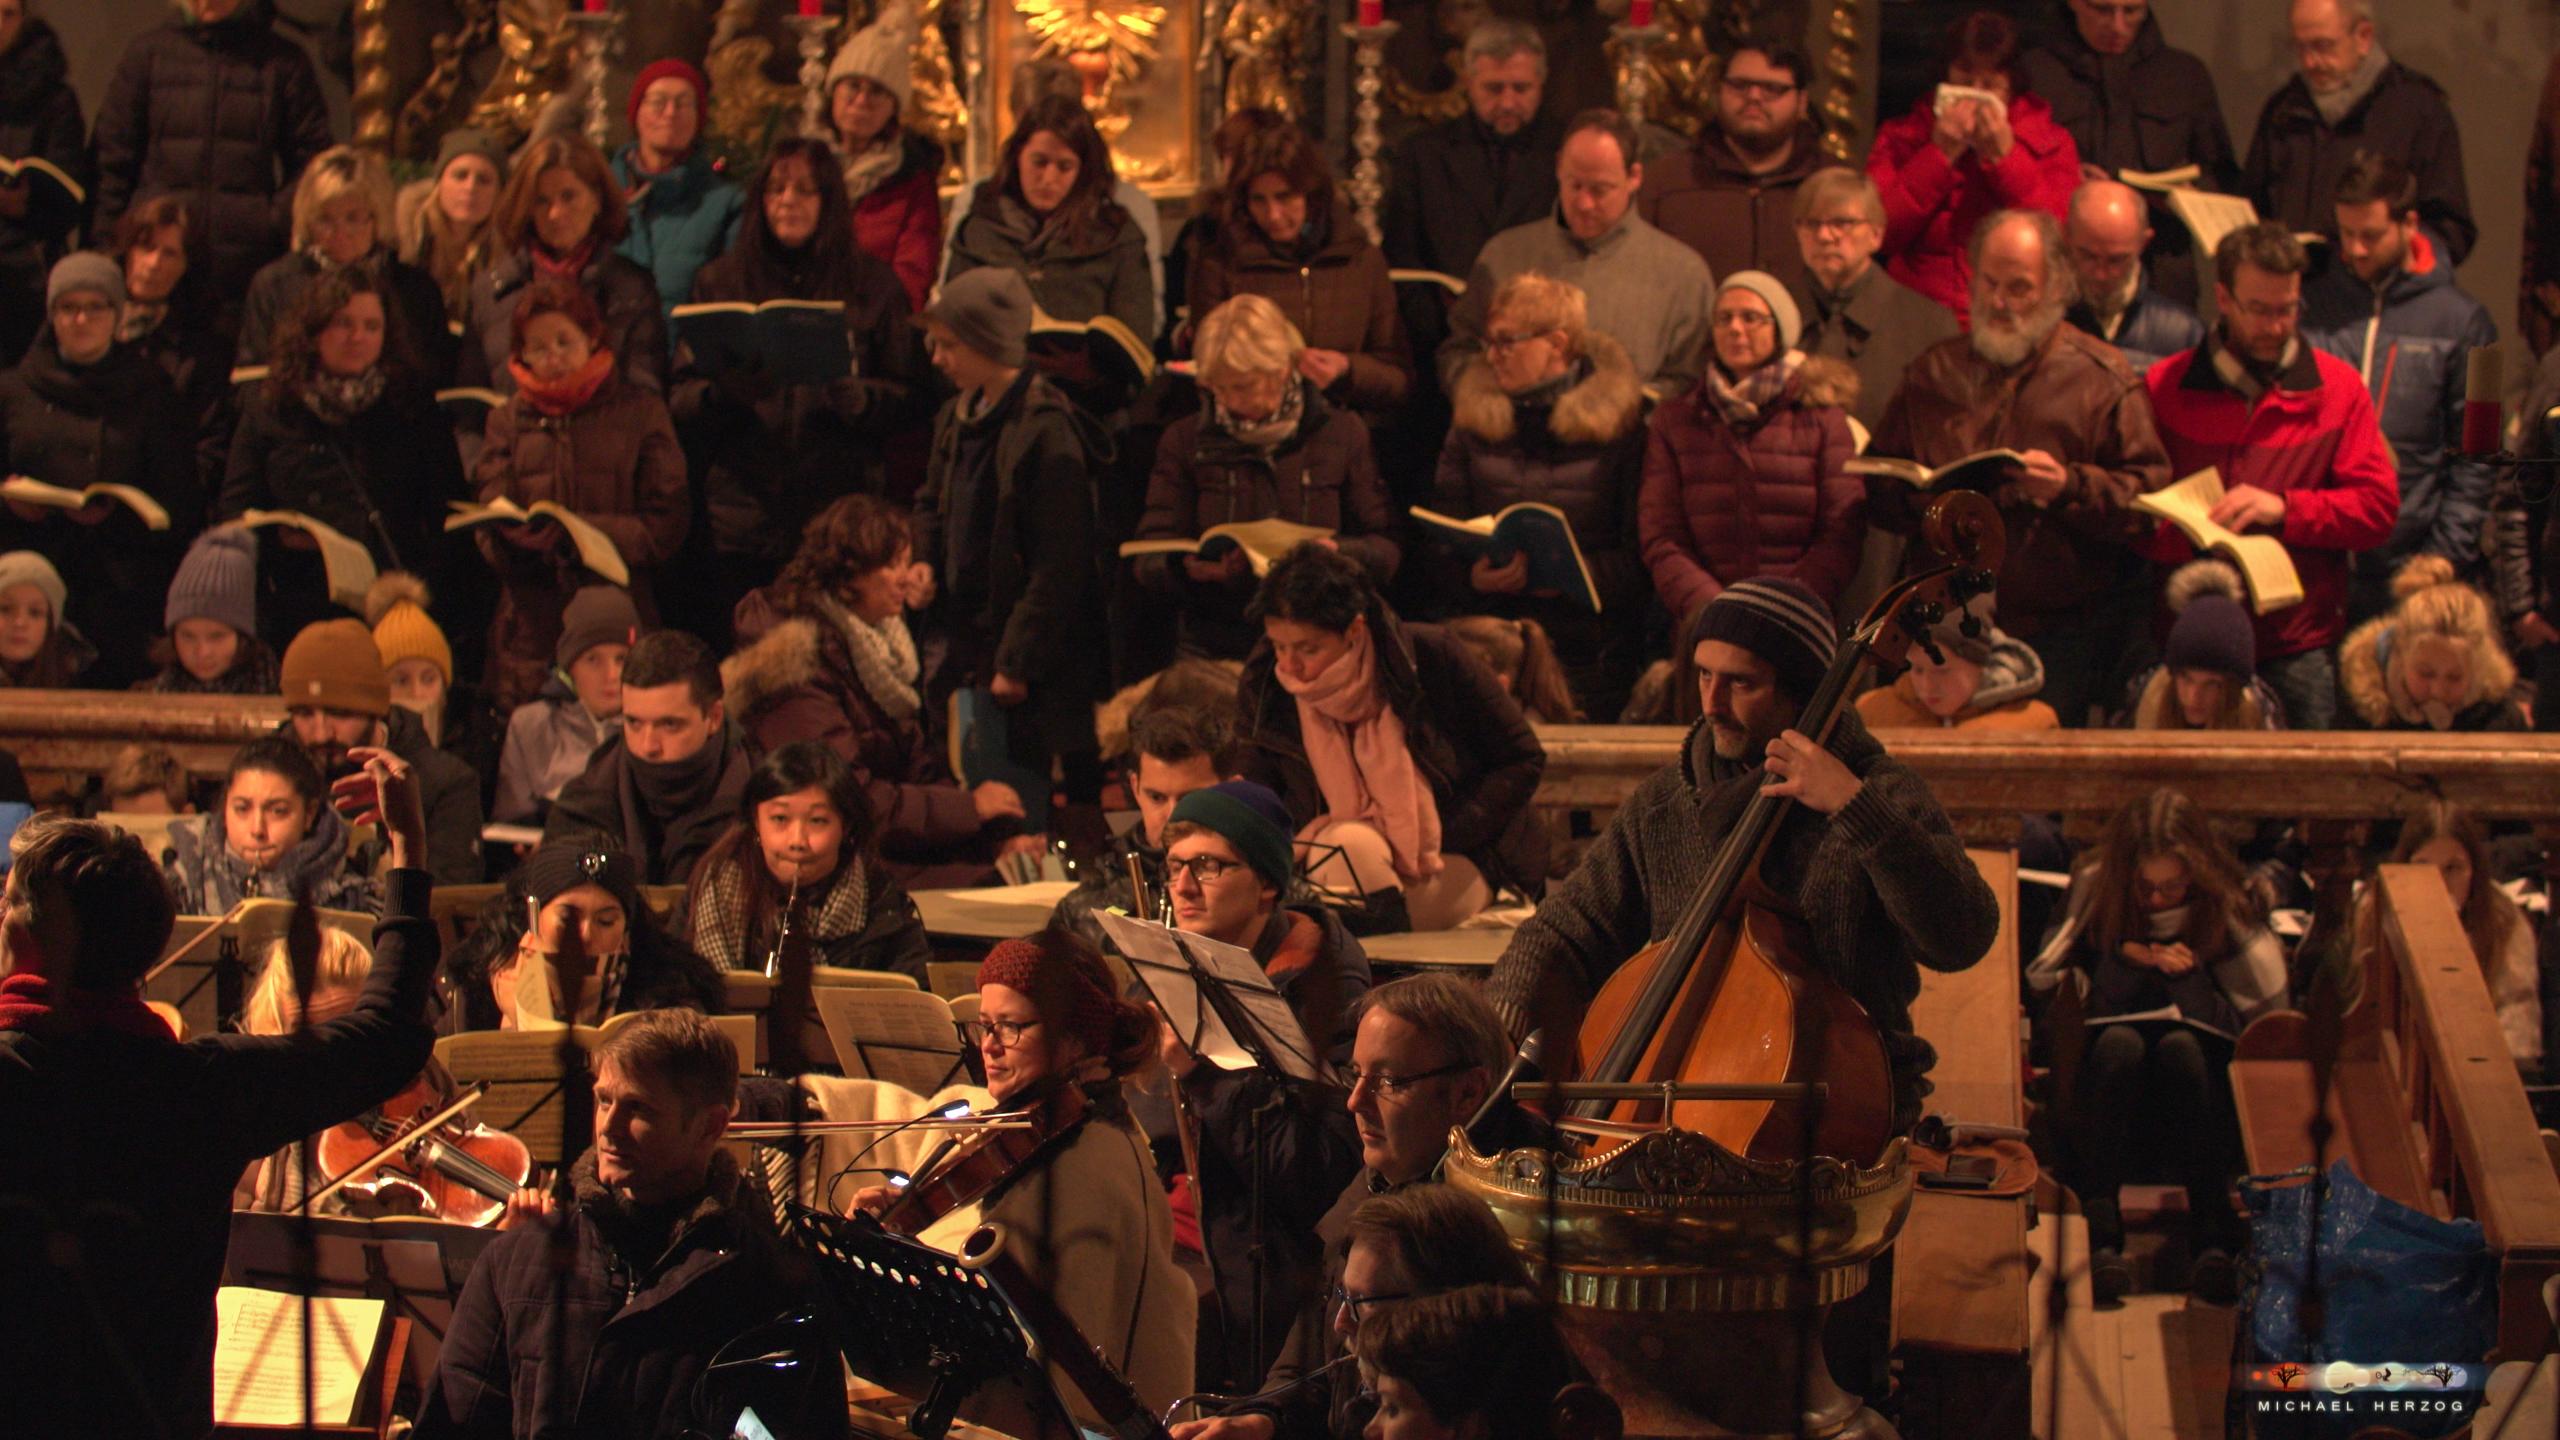 ArnsdorferSternstunden_Chorprobe-mit-PhilharmonieSalzburg_Screenshot_MichaelHerzog-10-2.jpg